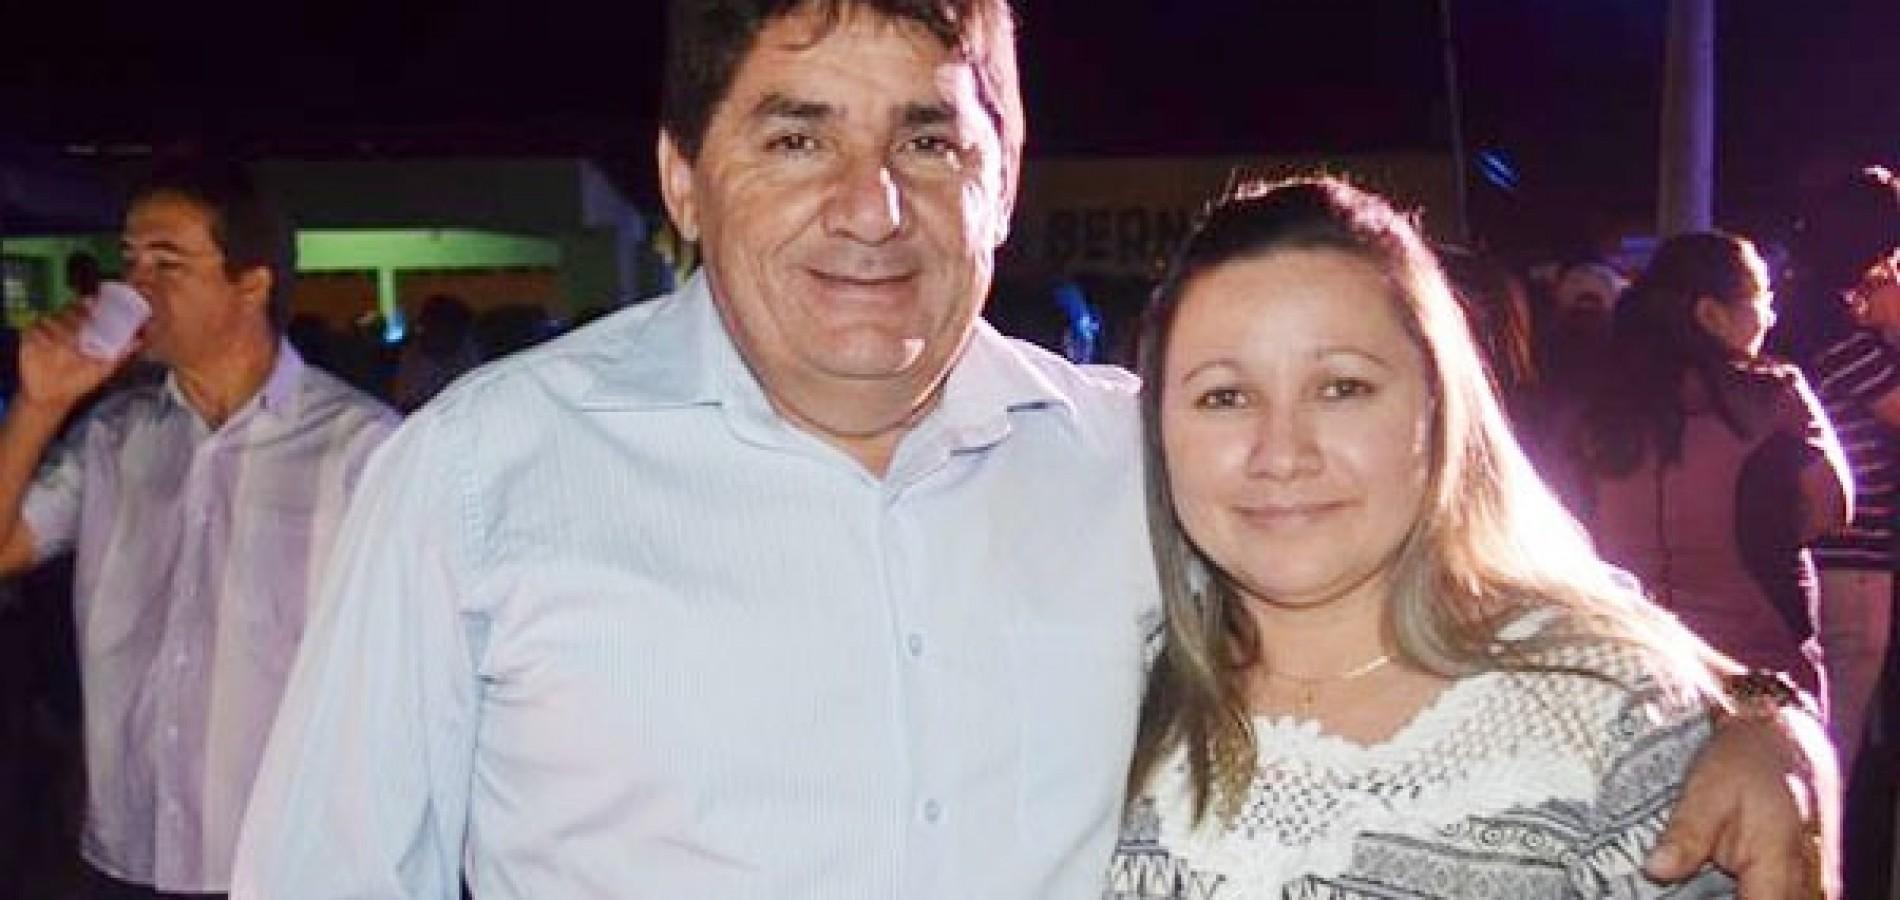 Ex-prefeito que matou primeira-dama é mantido preso em distrito com regalias